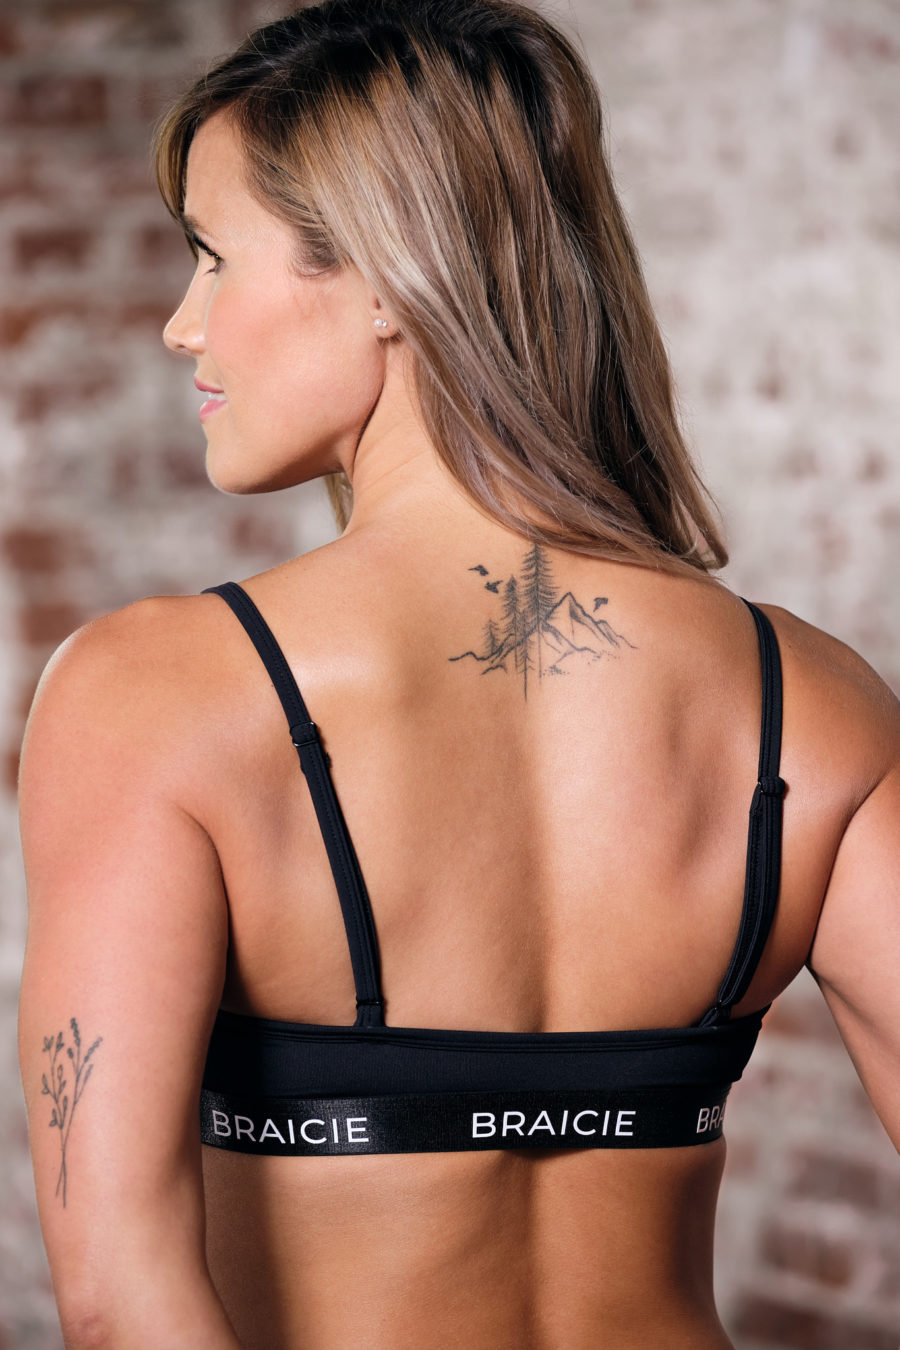 Rückenansicht einer Frau im BRAICIE Pure Sport-BH in schwarz